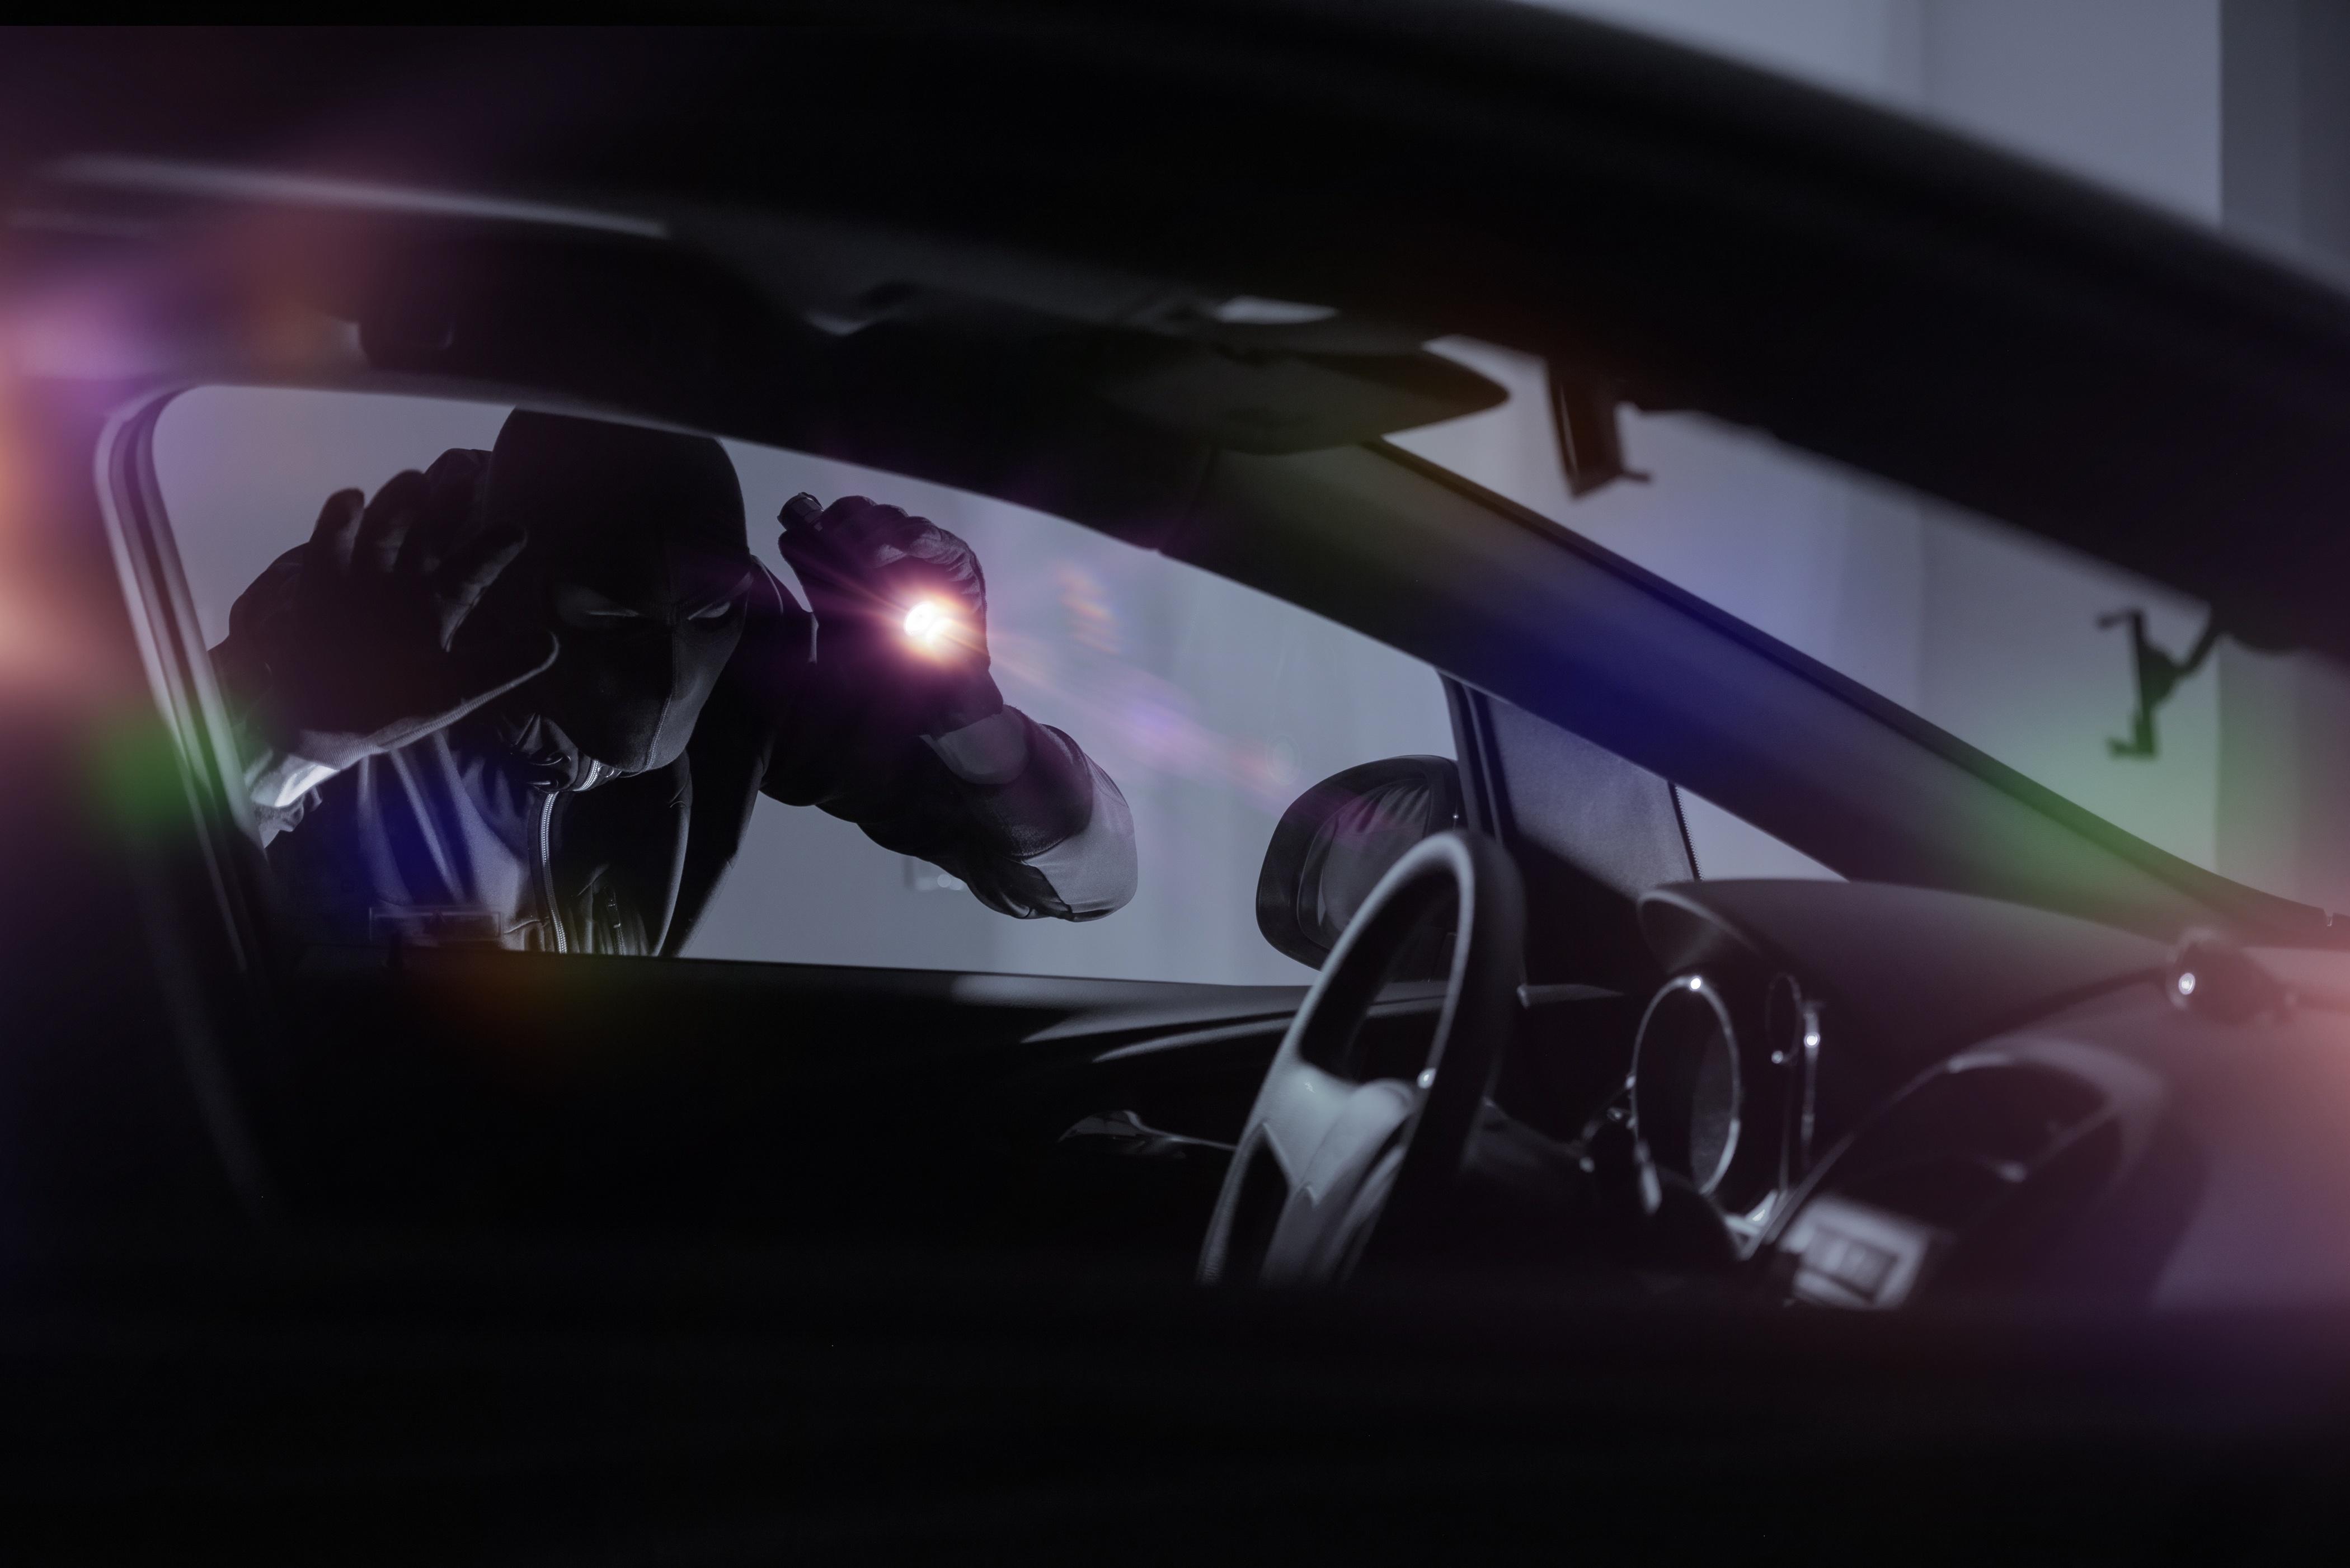 ハンドルロックによる車の盗難対策を解説!ハンドルロックの種類や選び方・おすすめ商品は?防犯効果を高める使用方法も紹介